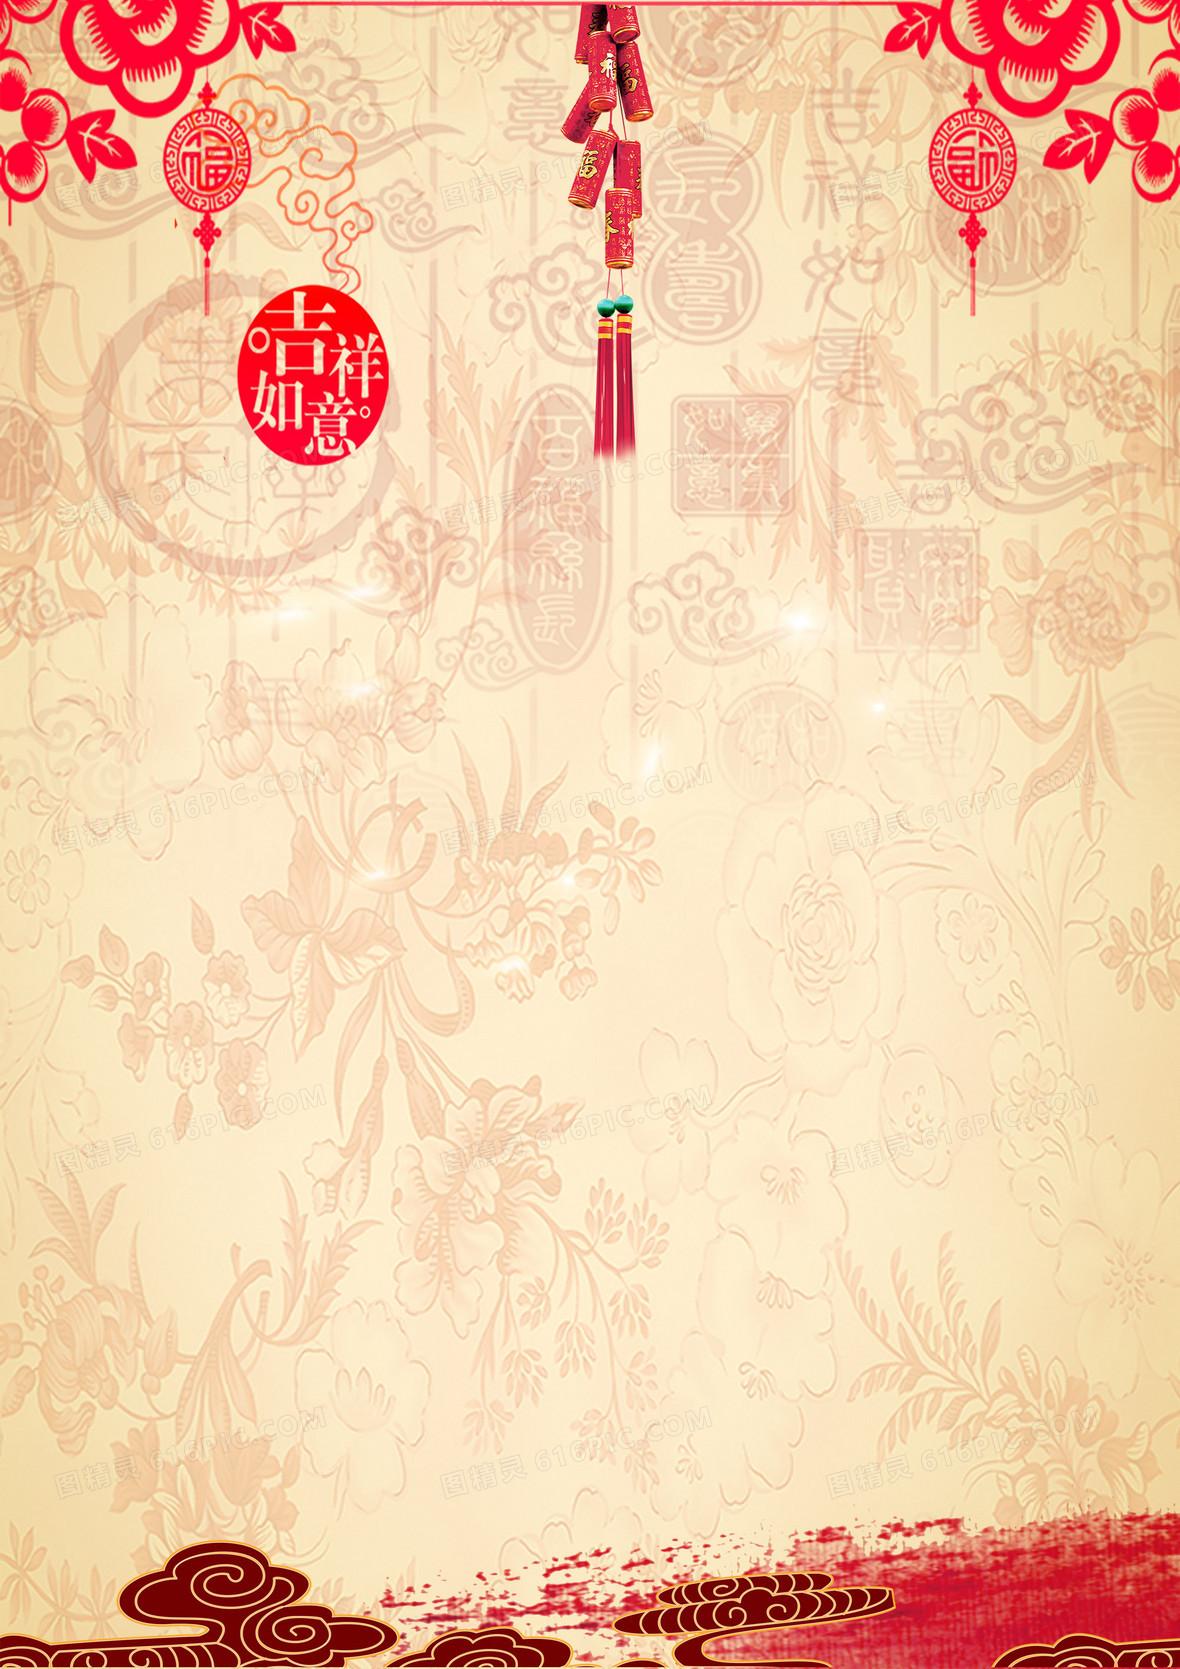 红色节日中国风背景素材